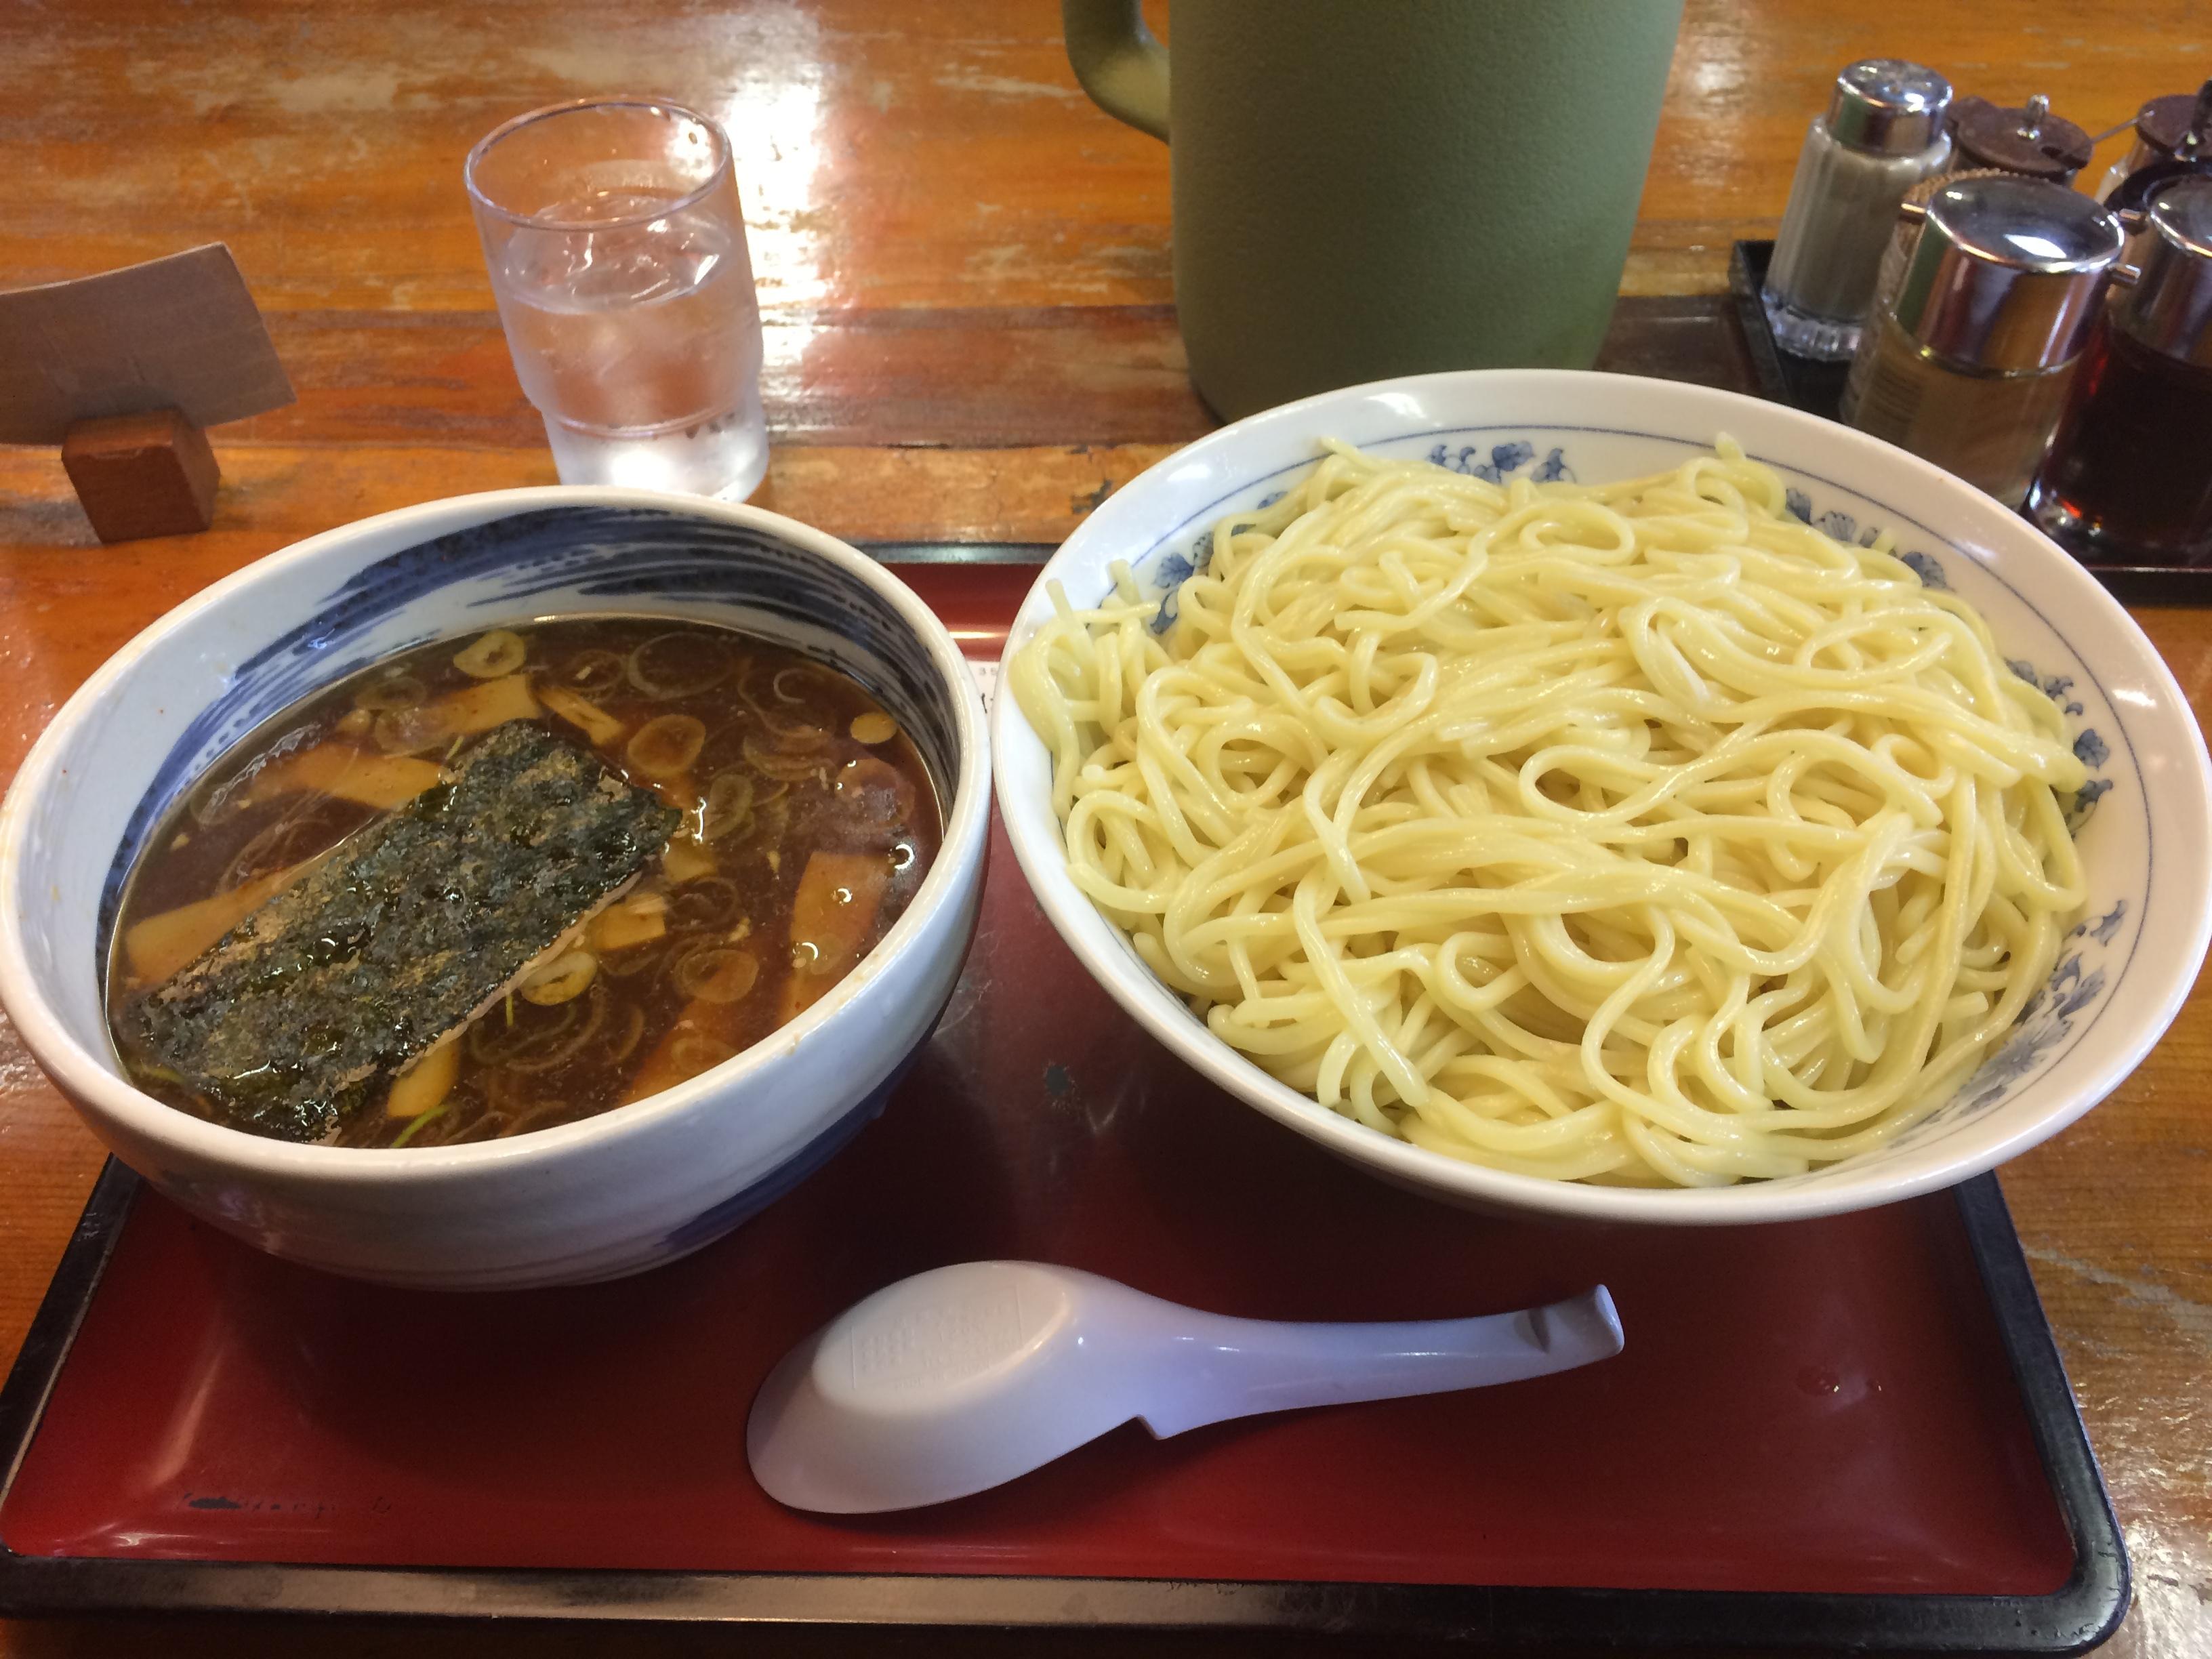 【ラーメン探訪】つけそば 小金井大勝軒大盛り 830円